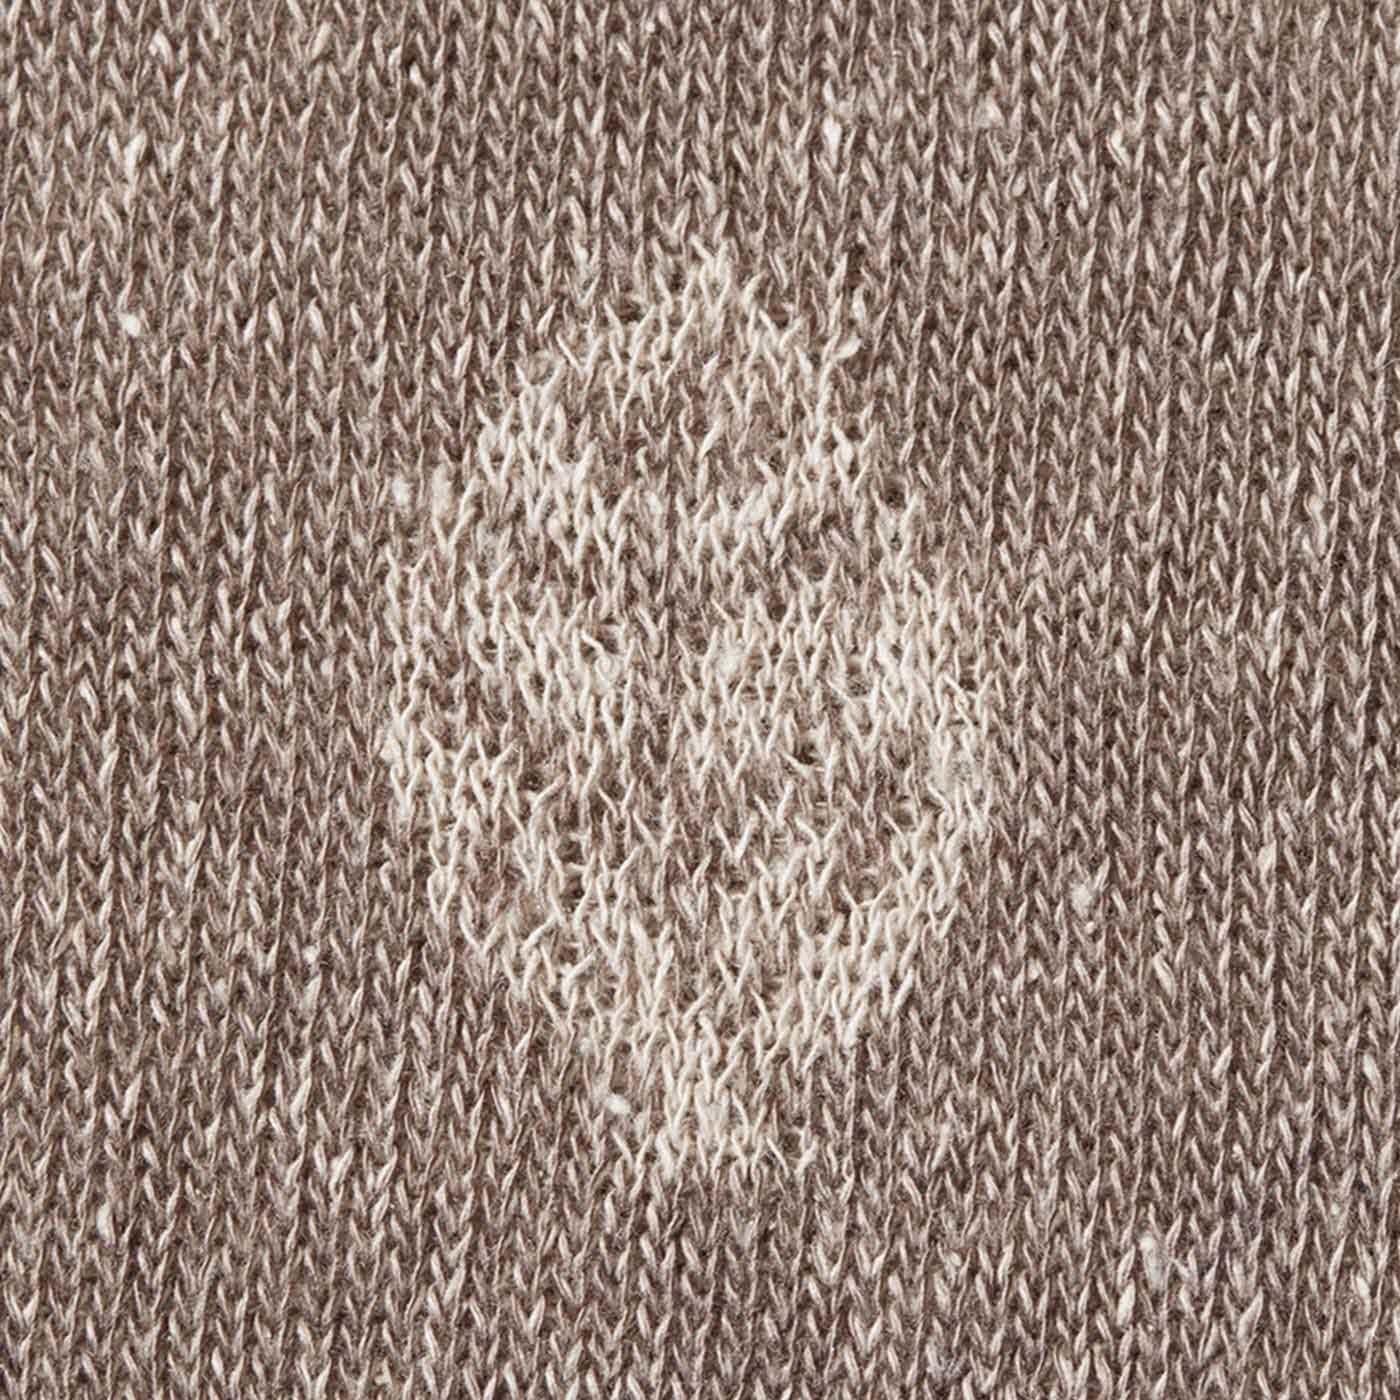 すそに編み込まれた植物モチーフがポイント。